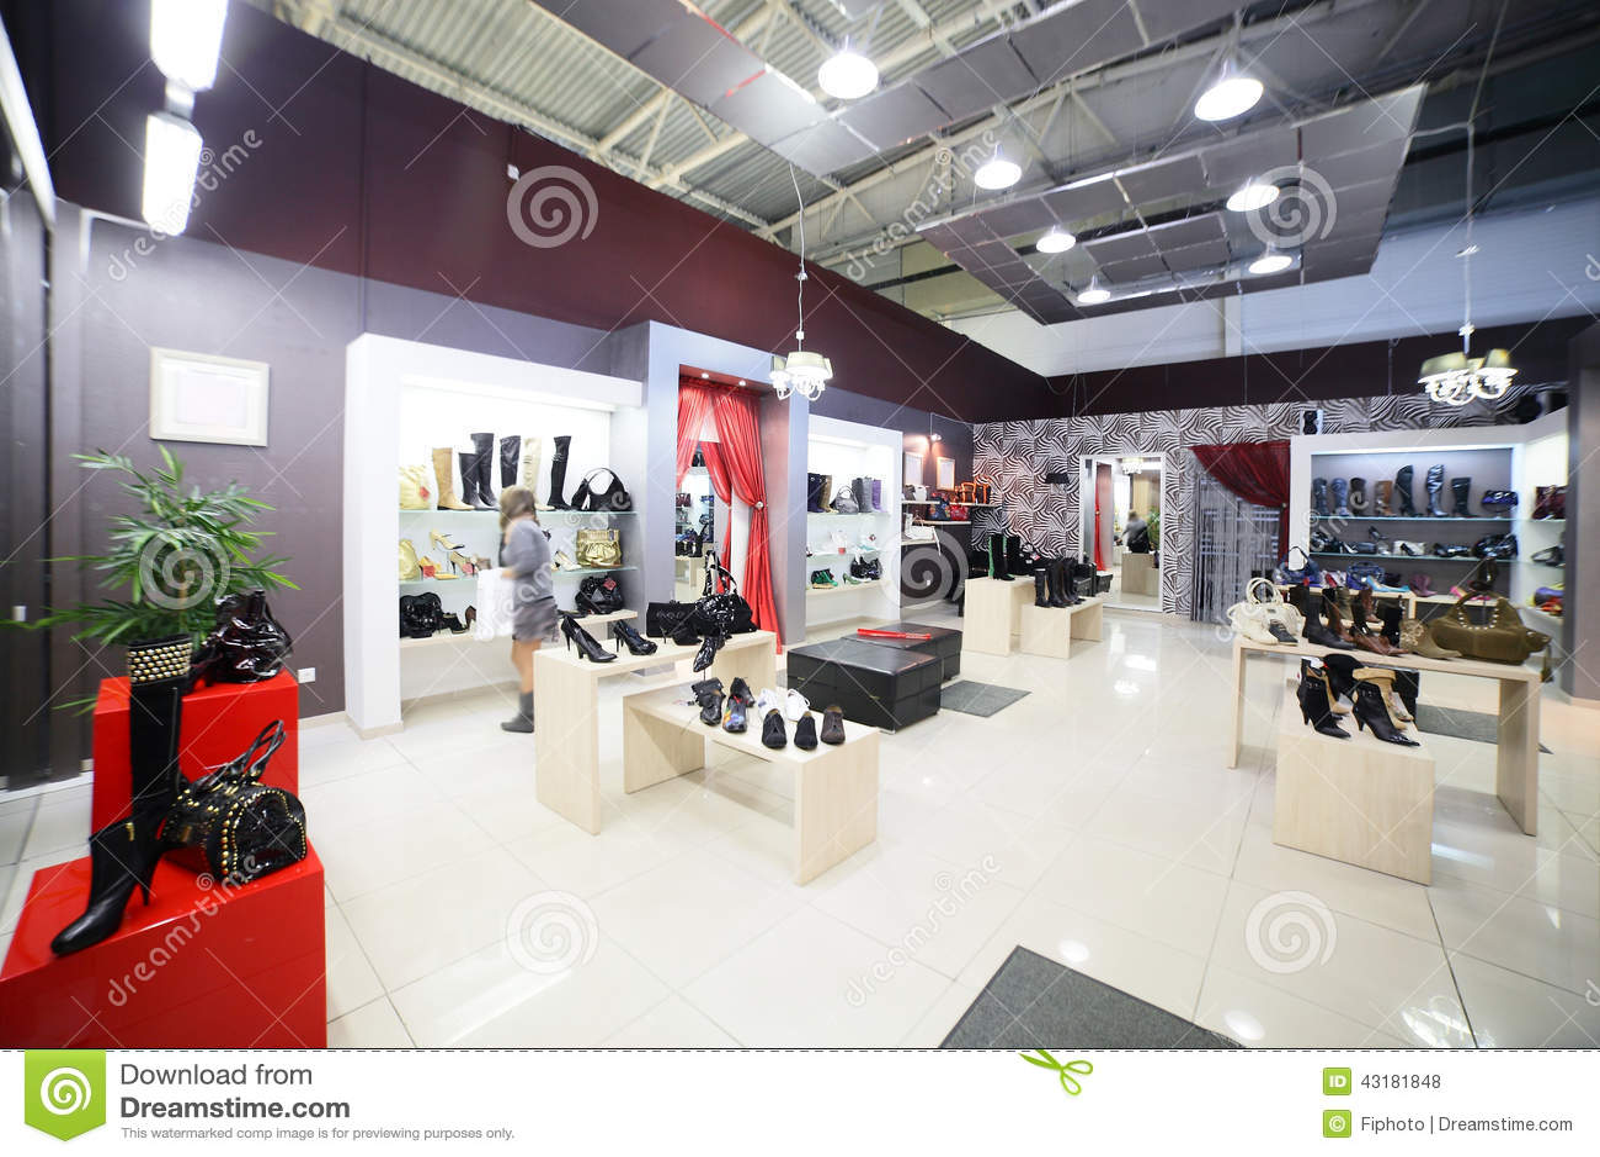 Negozio di scarpe scarpe designer di stile moderno in